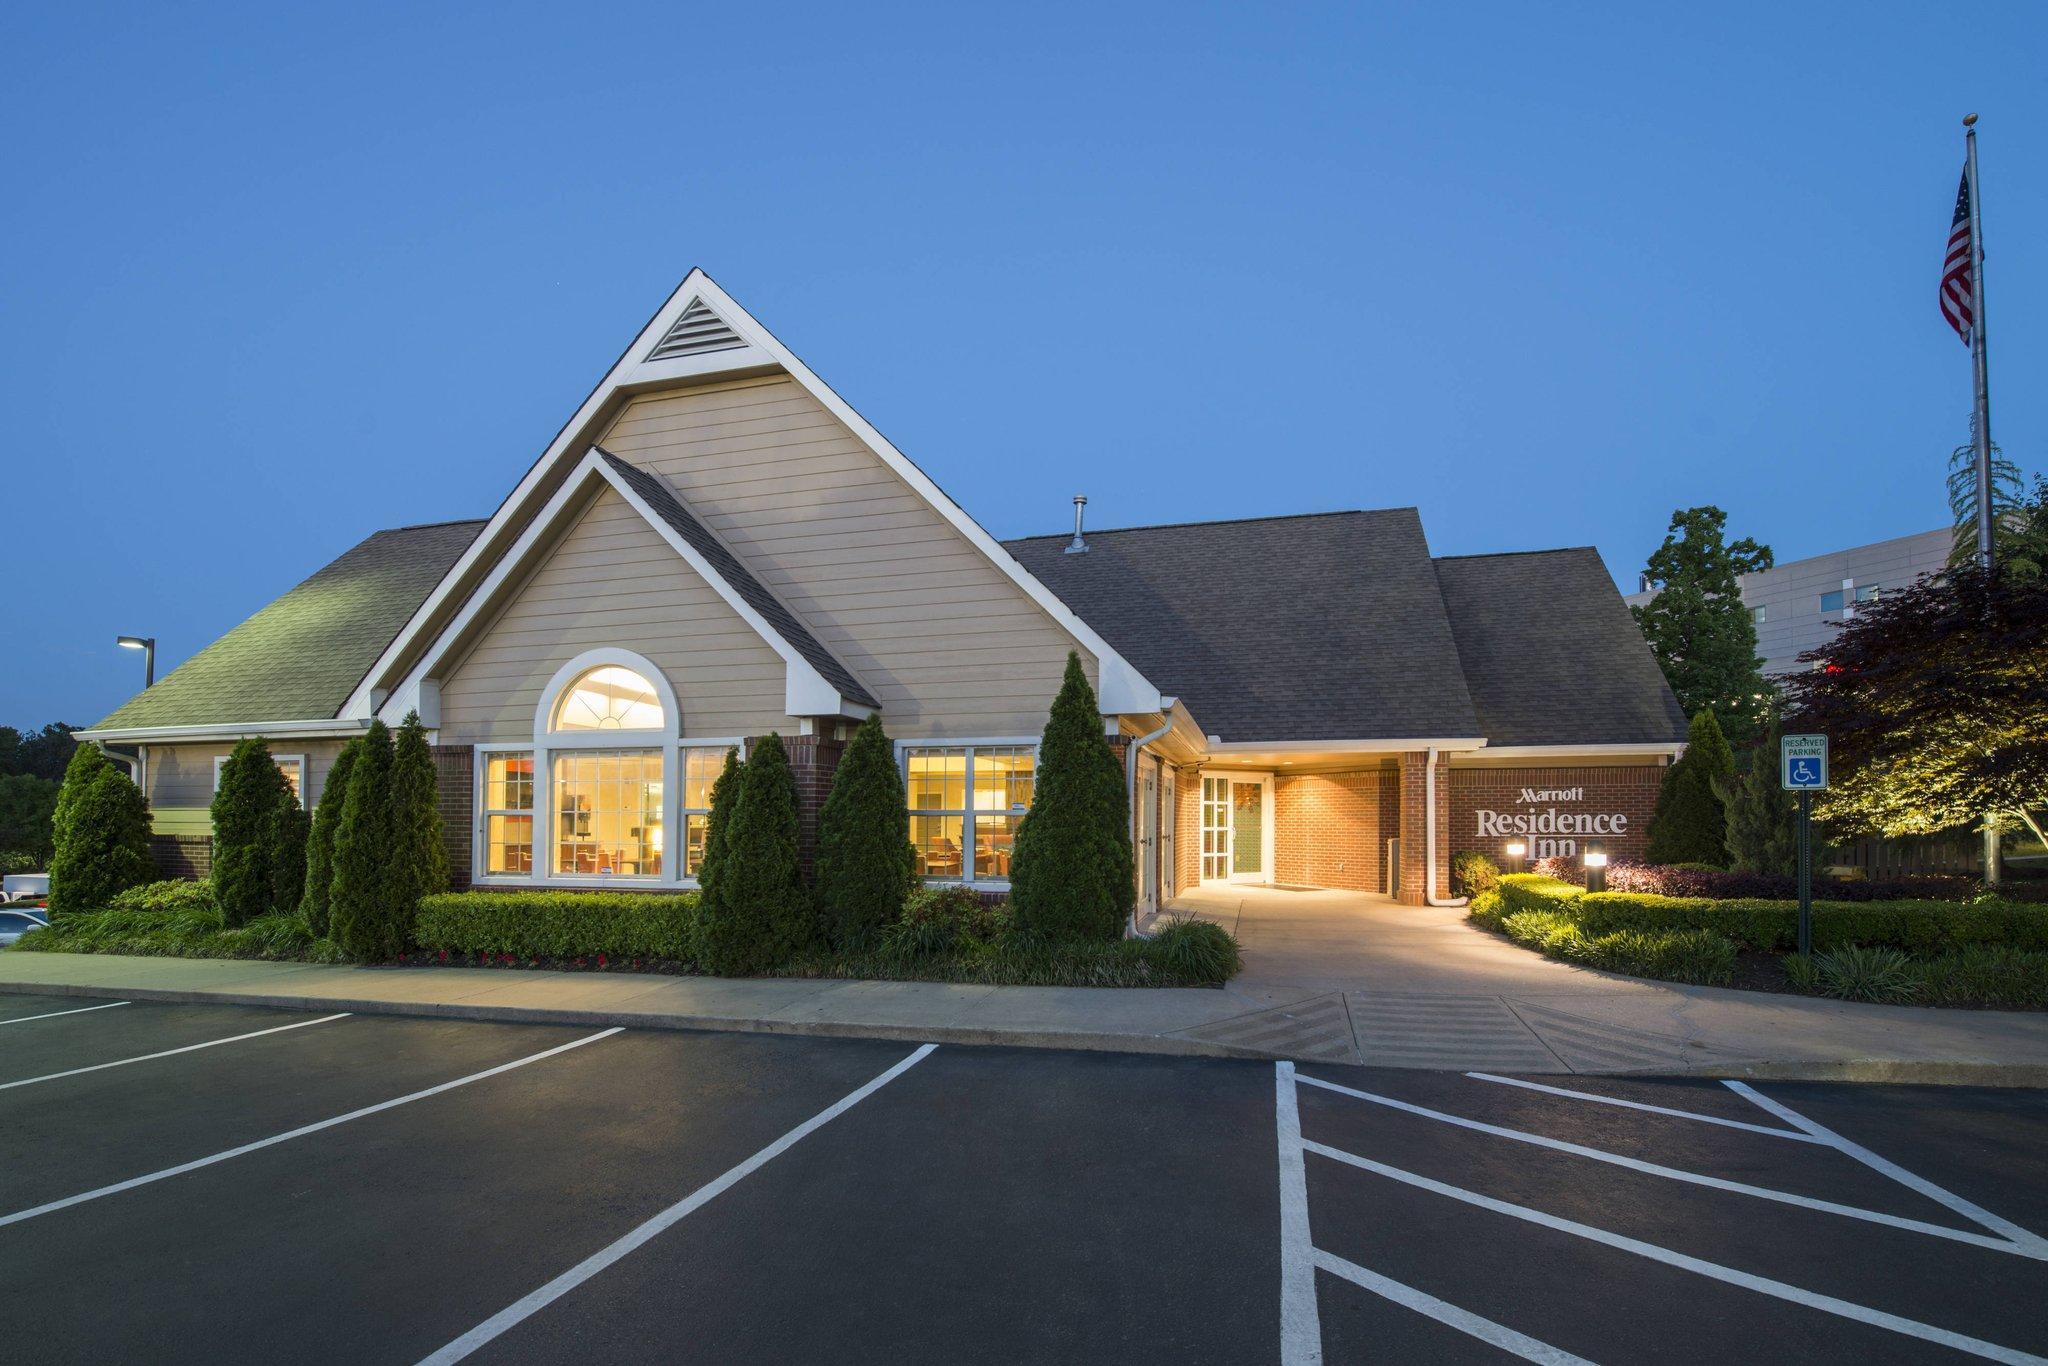 Residence Inn Little Rock, Pulaski